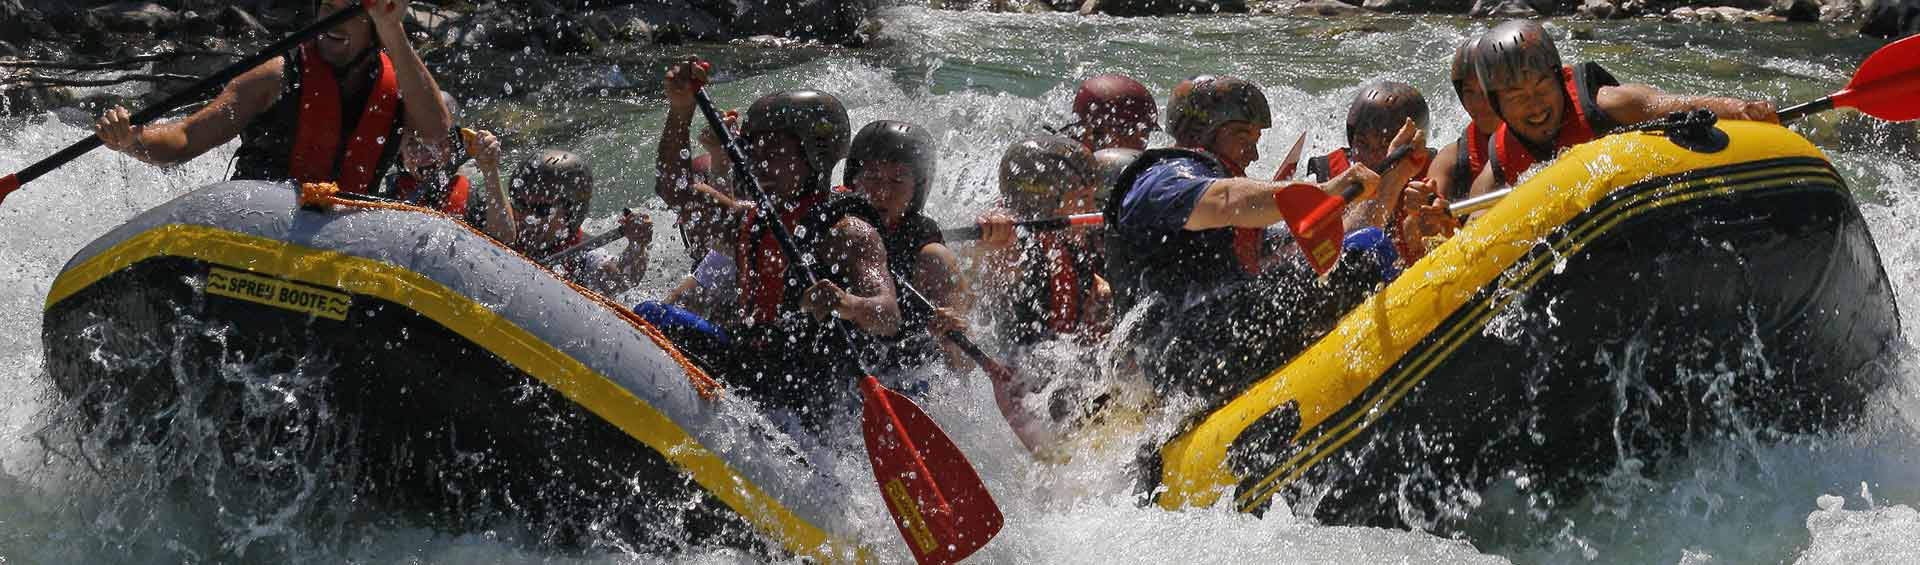 Doppel Raftingtour, Imster und Ötztaler Ache, Wildwasser extrem in Österreich, Ötztal Rafting